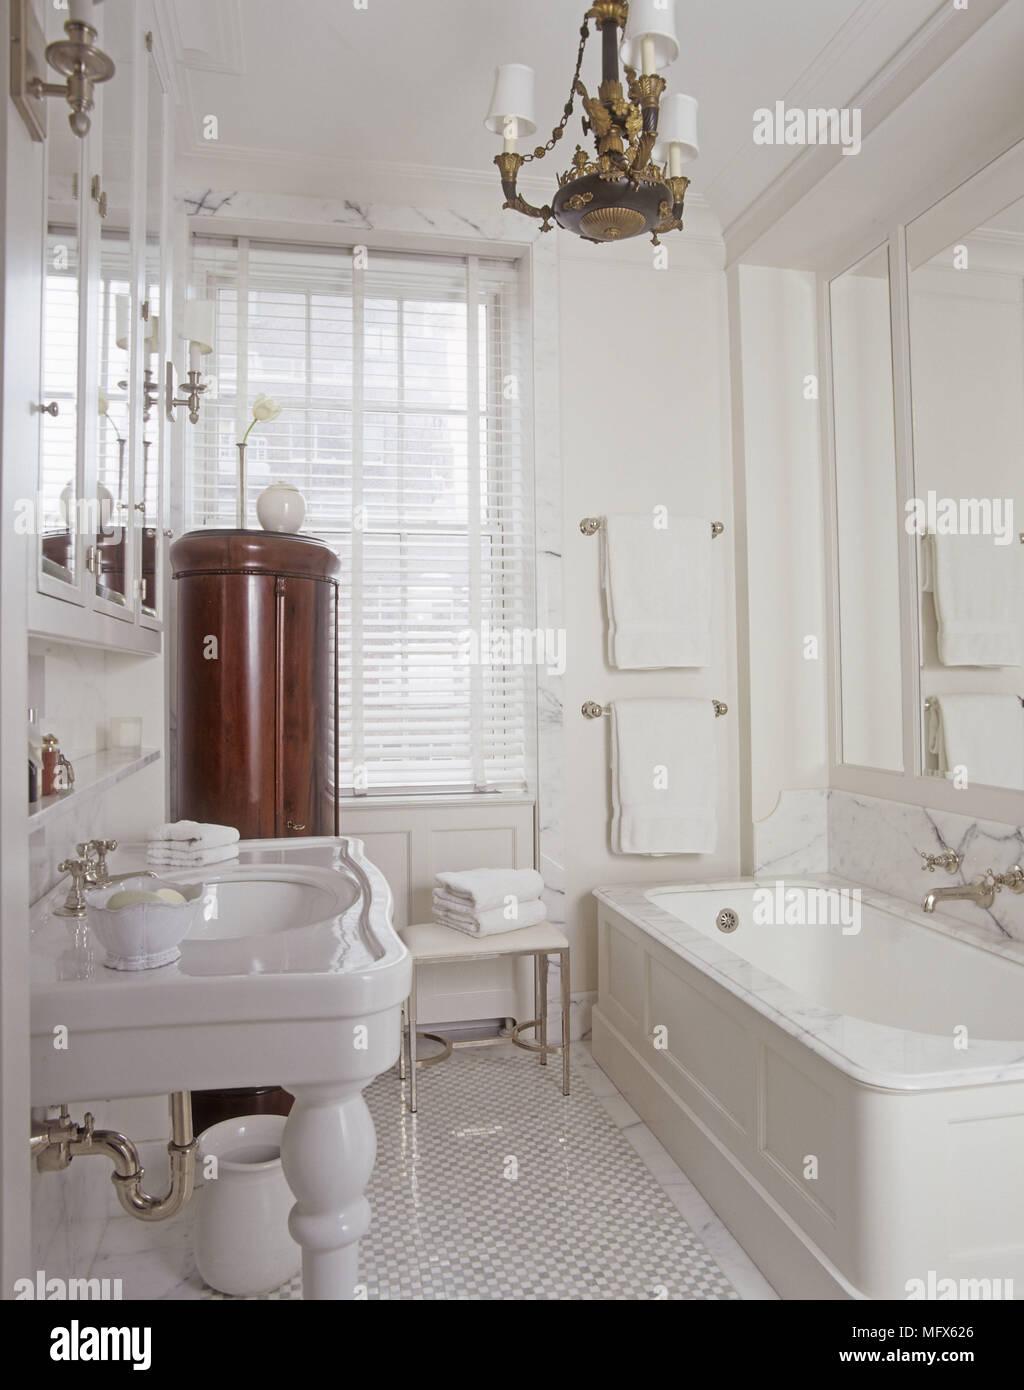 Ein traditionelles weißes Badezimmer Porzellan Waschbecken stehen ...